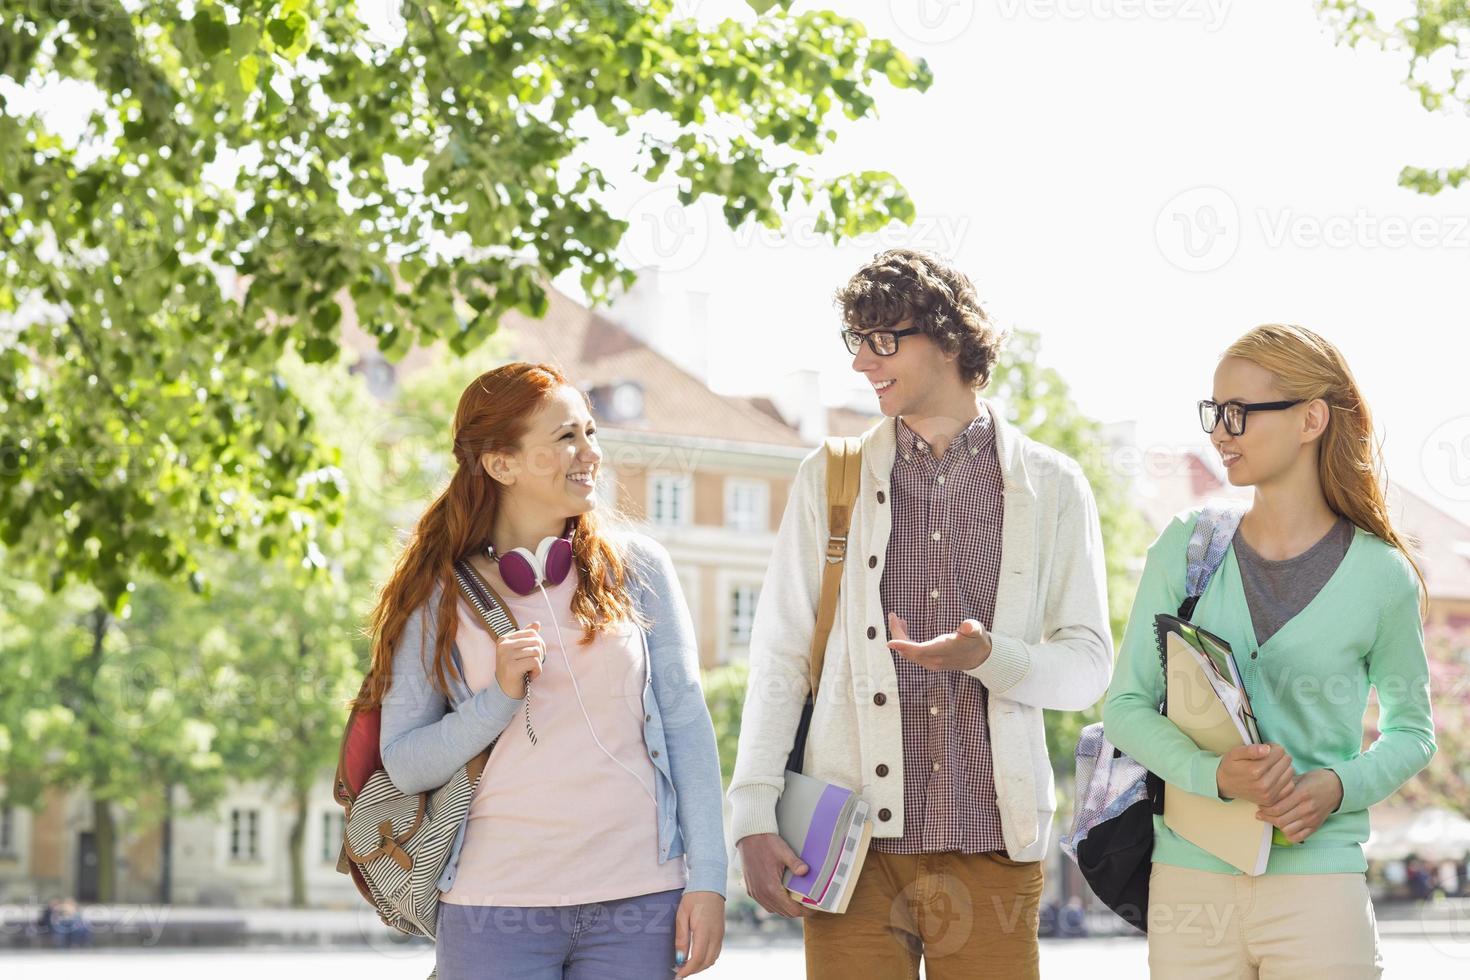 jovens estudantes universitários conversando enquanto caminhava na rua foto